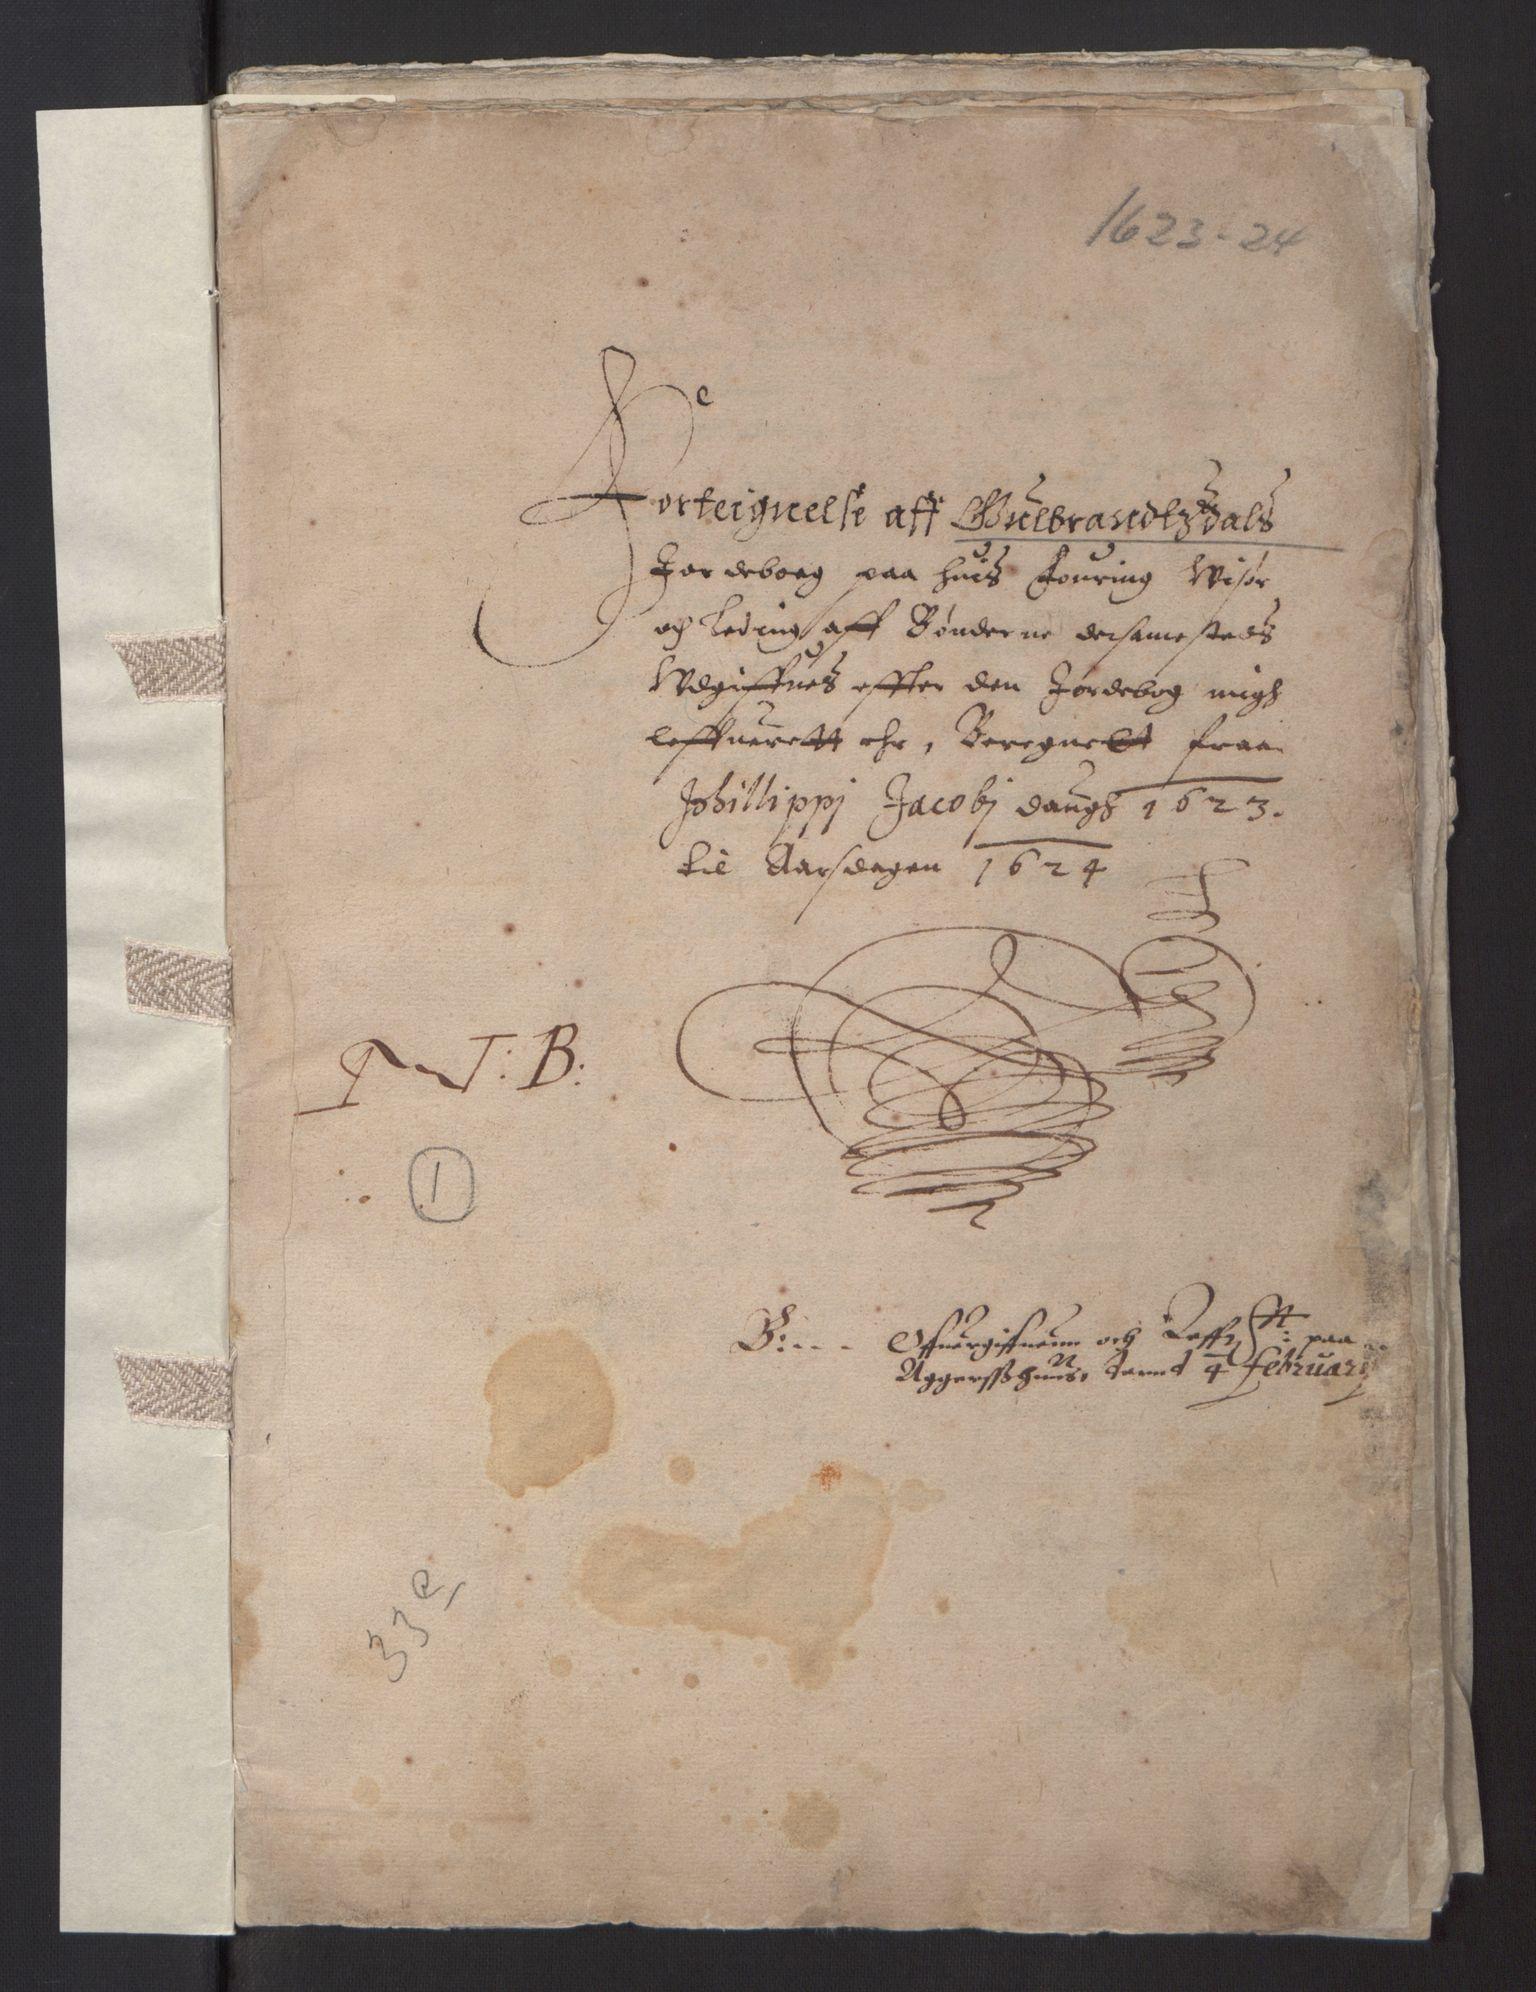 RA, Stattholderembetet 1572-1771, Ek/L0001: Jordebøker før 1624 og til utligning av garnisonsskatt 1624-1626:, 1624-1625, s. 2